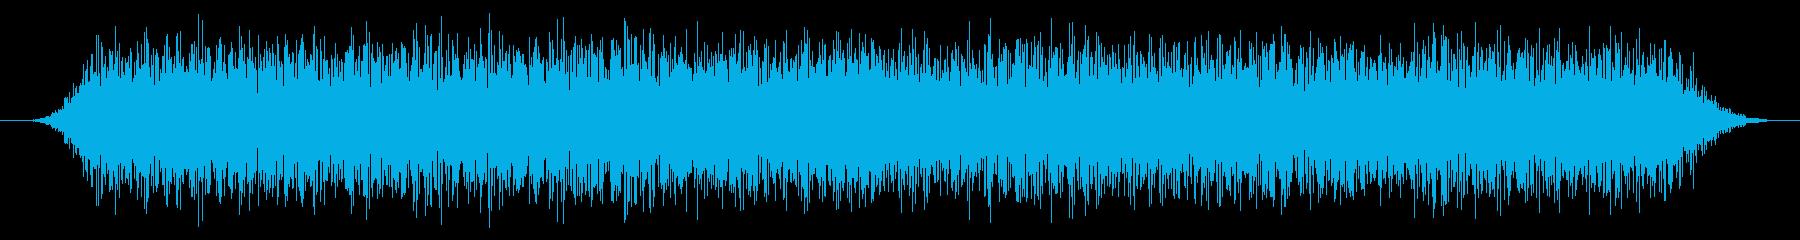 SNES レース01-04(スターティンの再生済みの波形